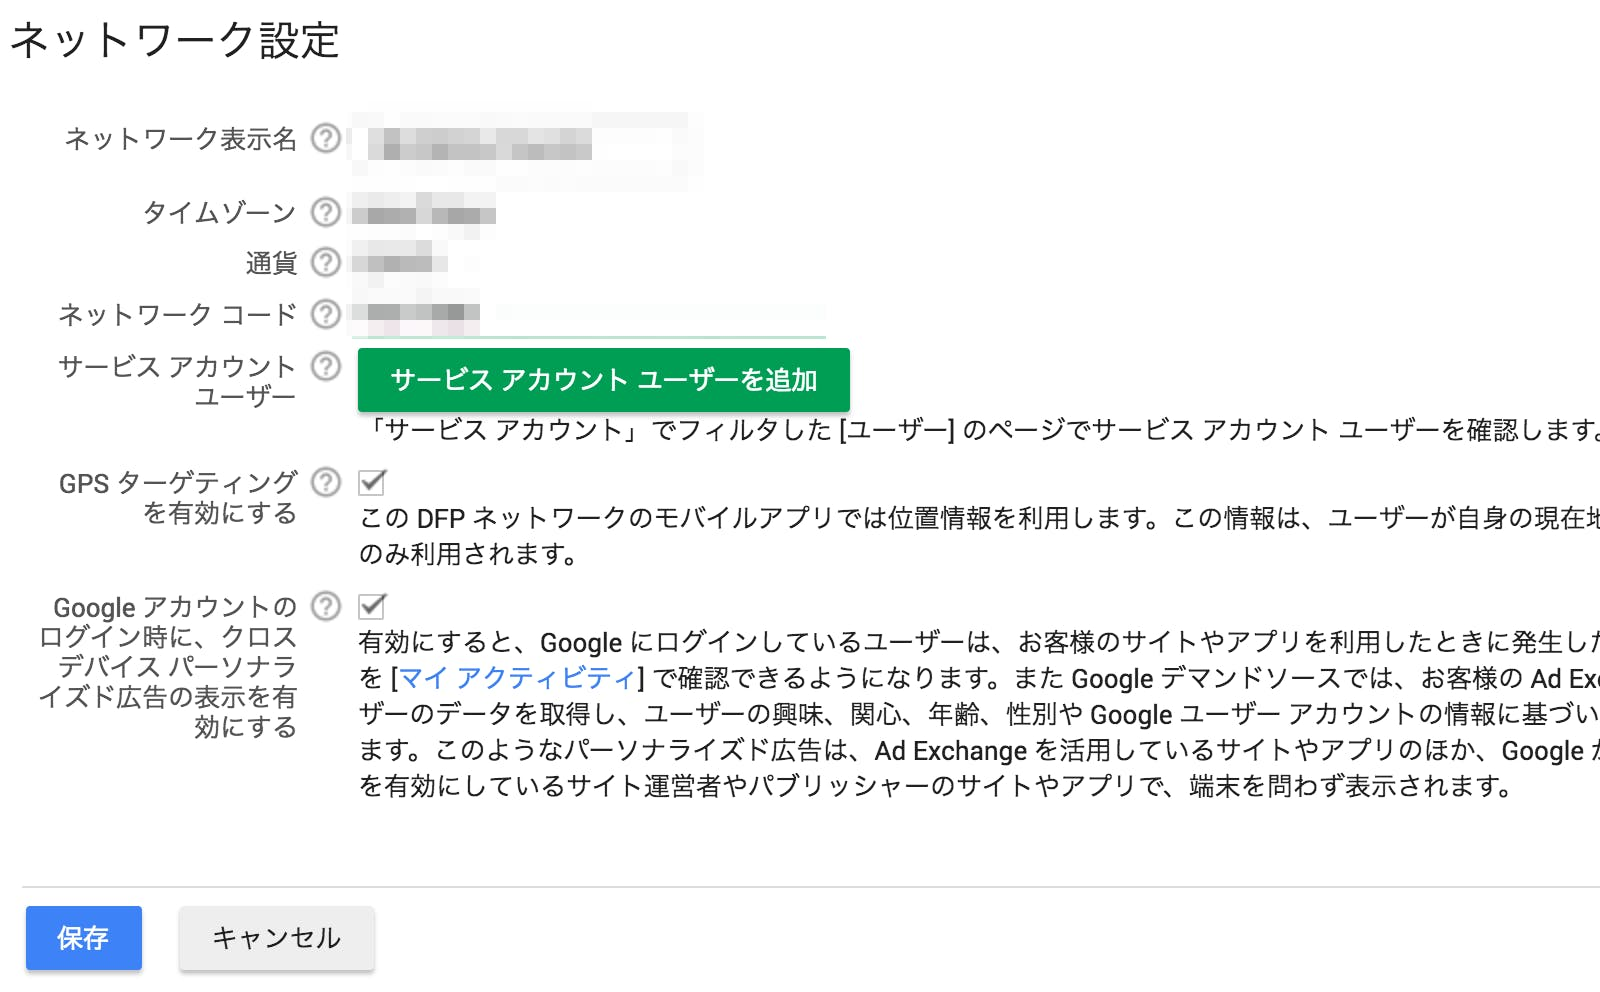 ネットワーク設定jp.png